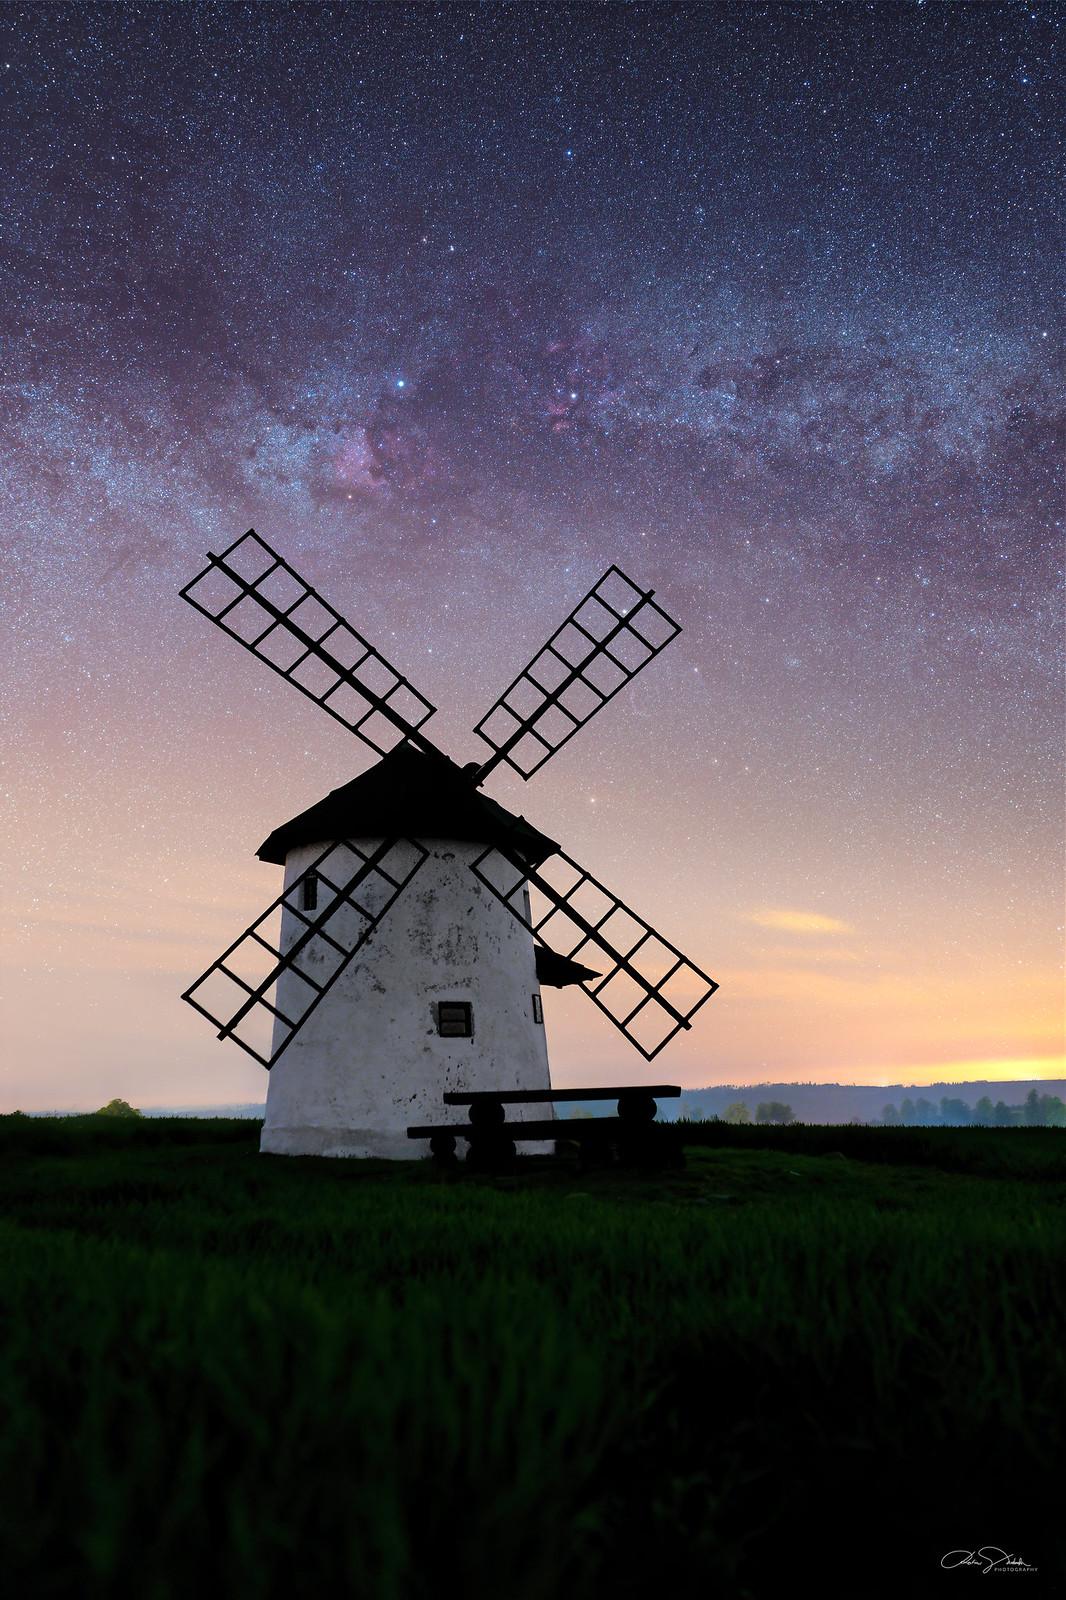 Stellar mill